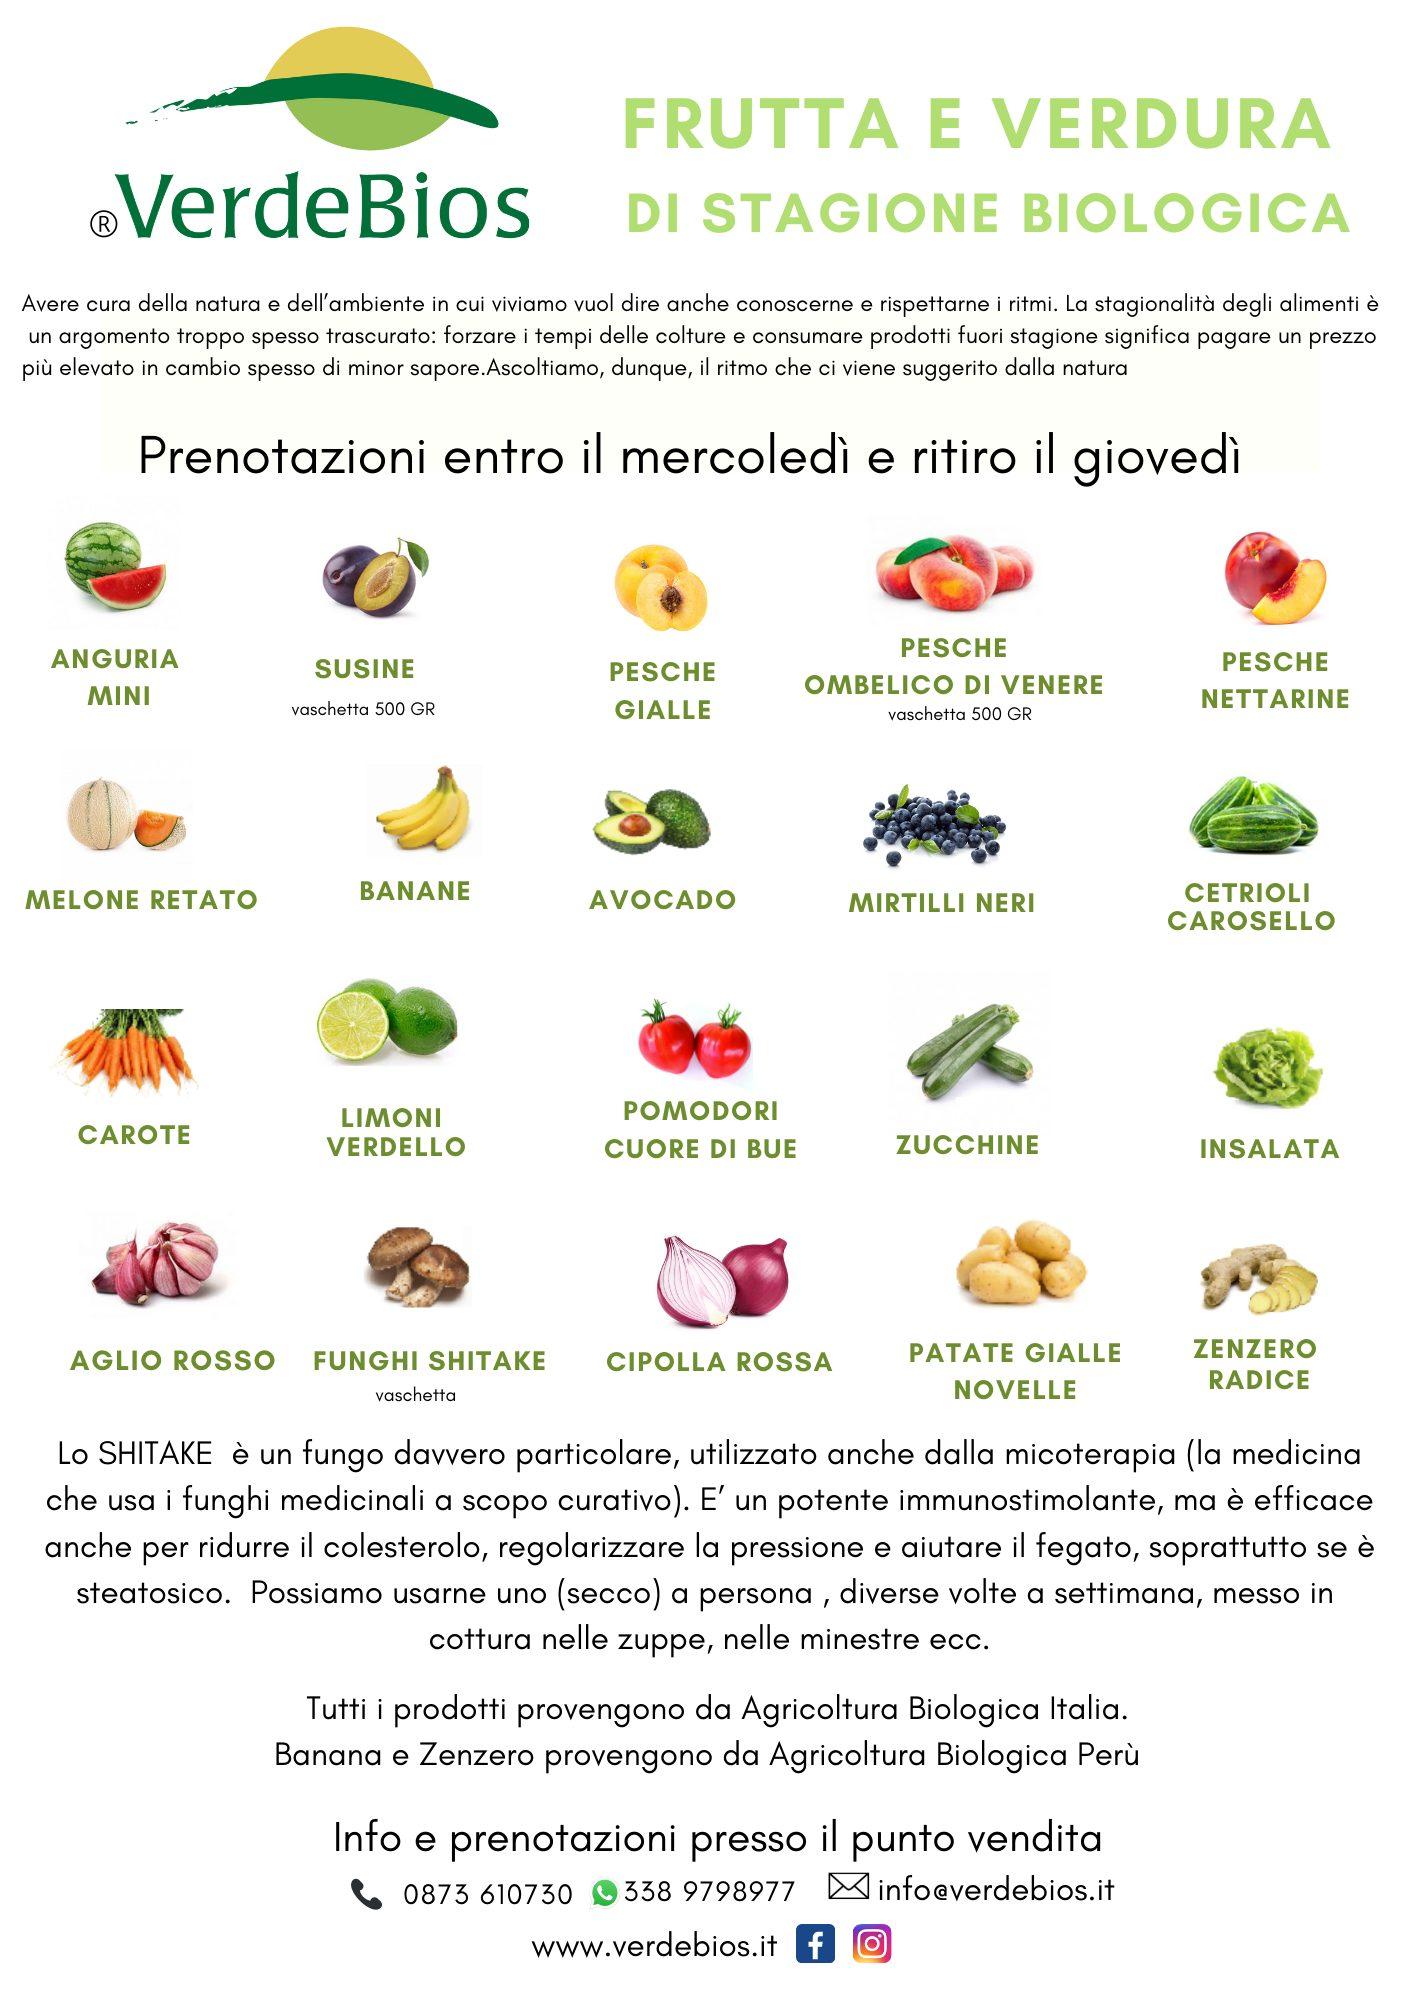 Frutta-e-verdura-biologica-VerdeBios